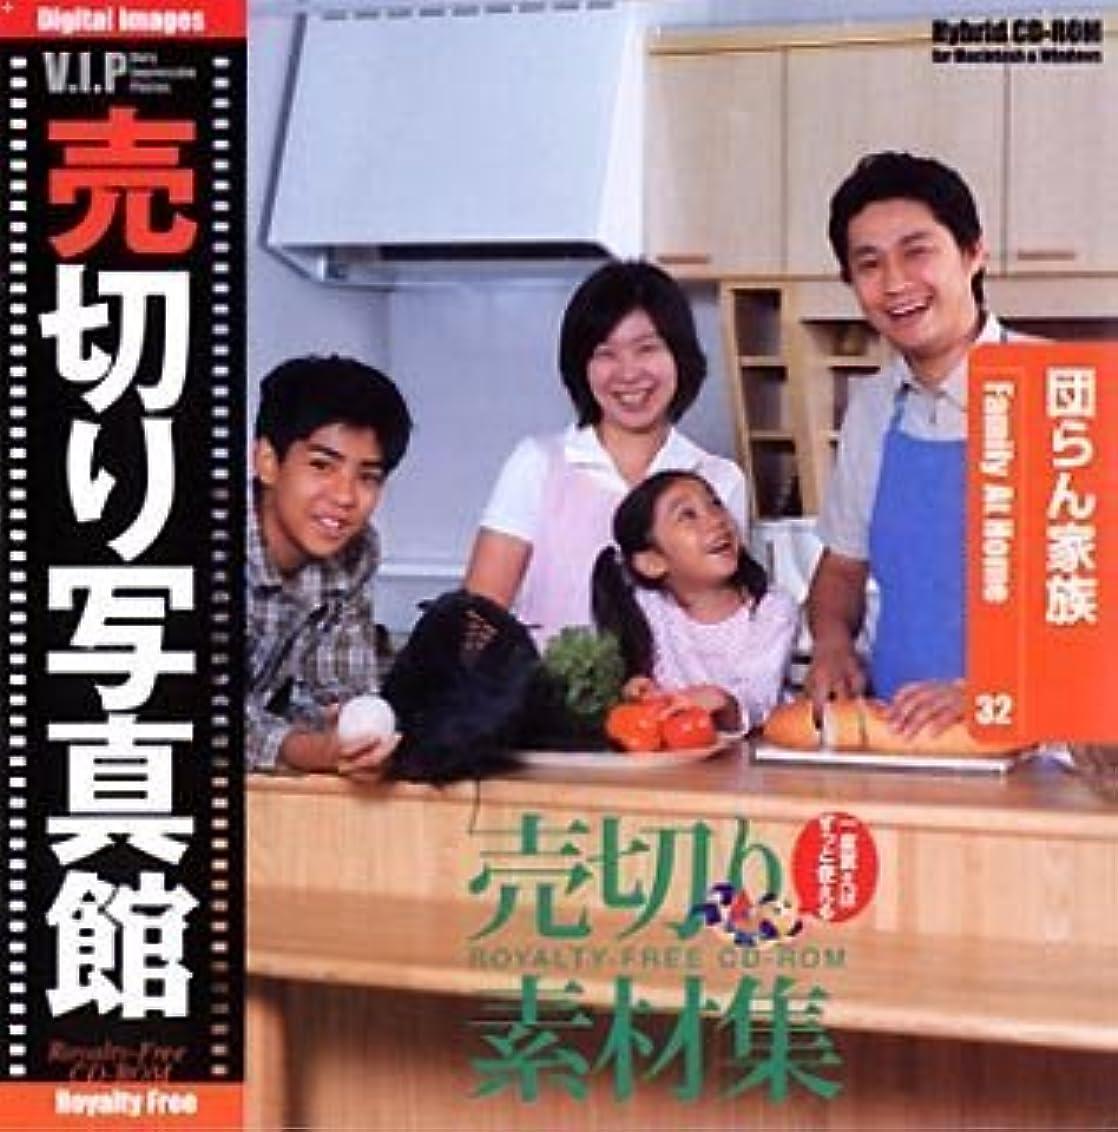 チャット有料なめらかな売切り写真館 VIPシリーズ Vol.32 団らん家族